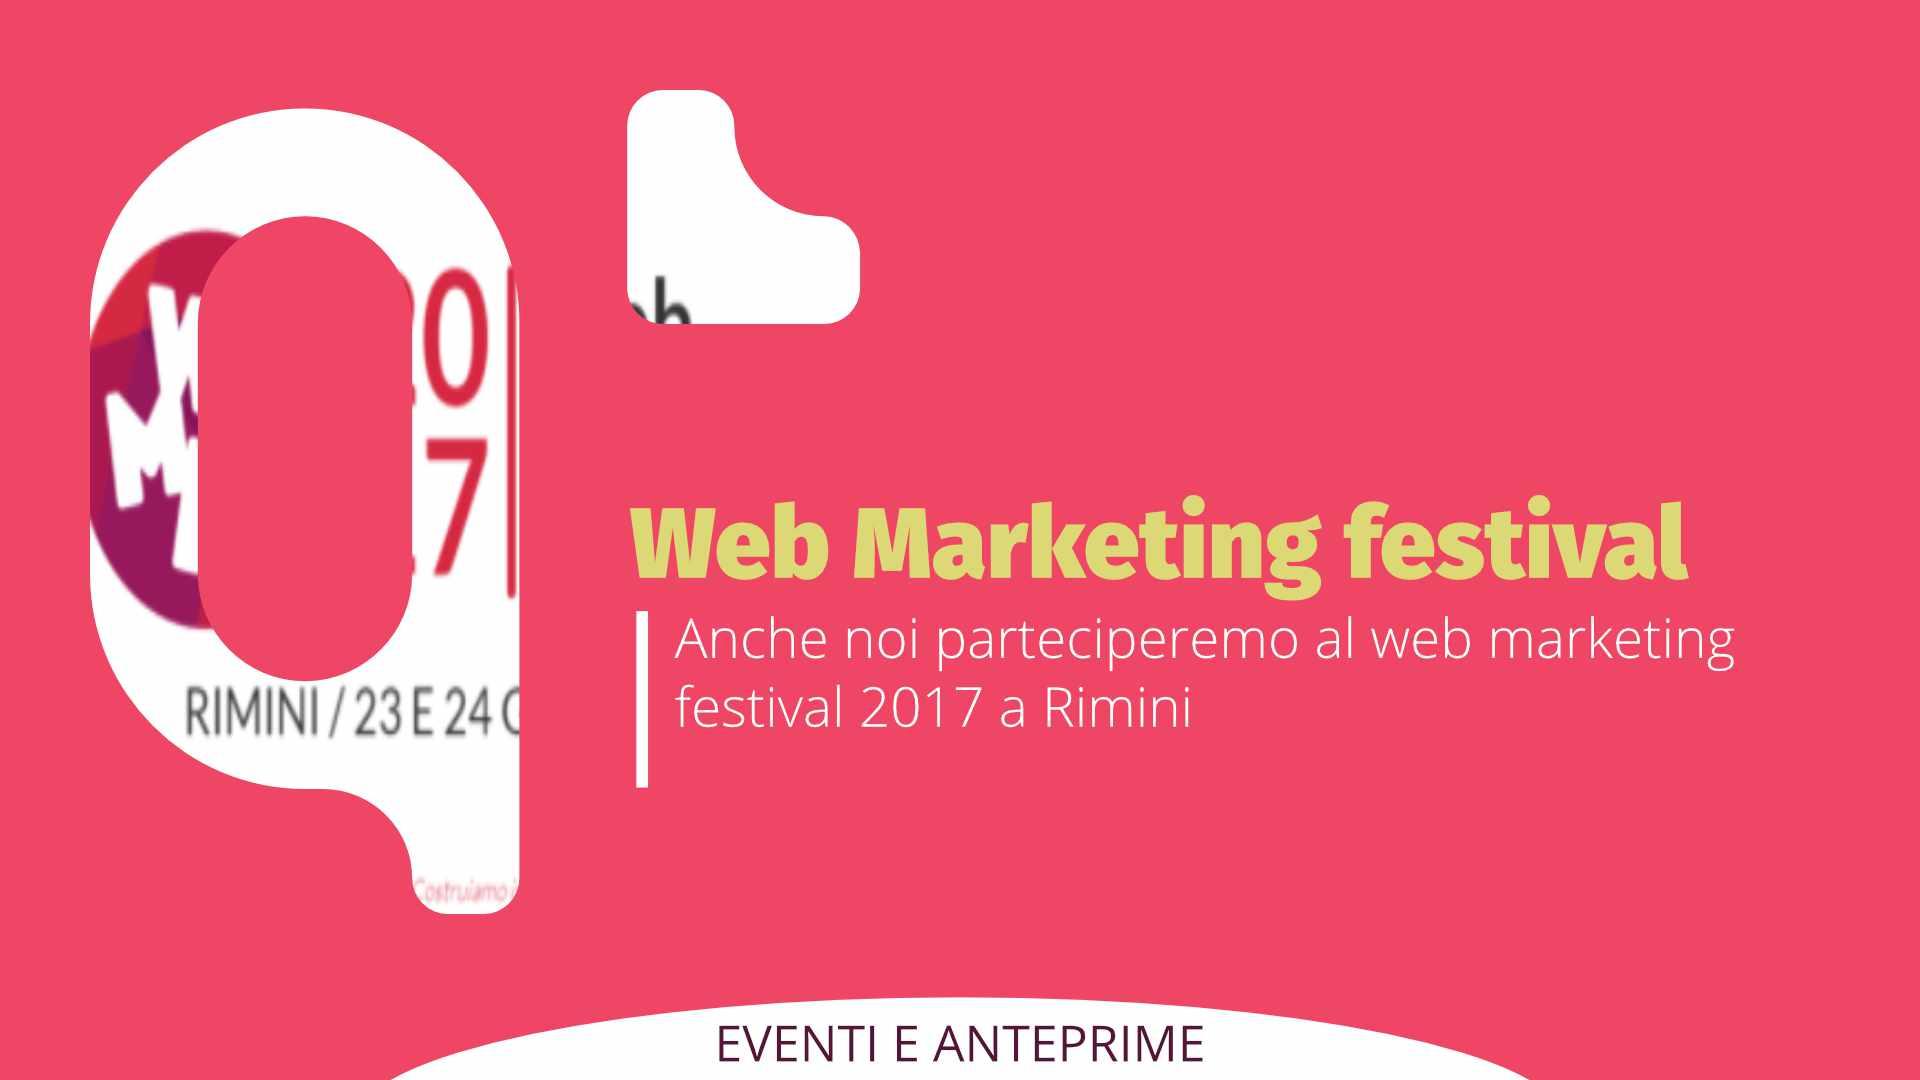 Web Marketing Festival 2017: ci siamo anche noi!